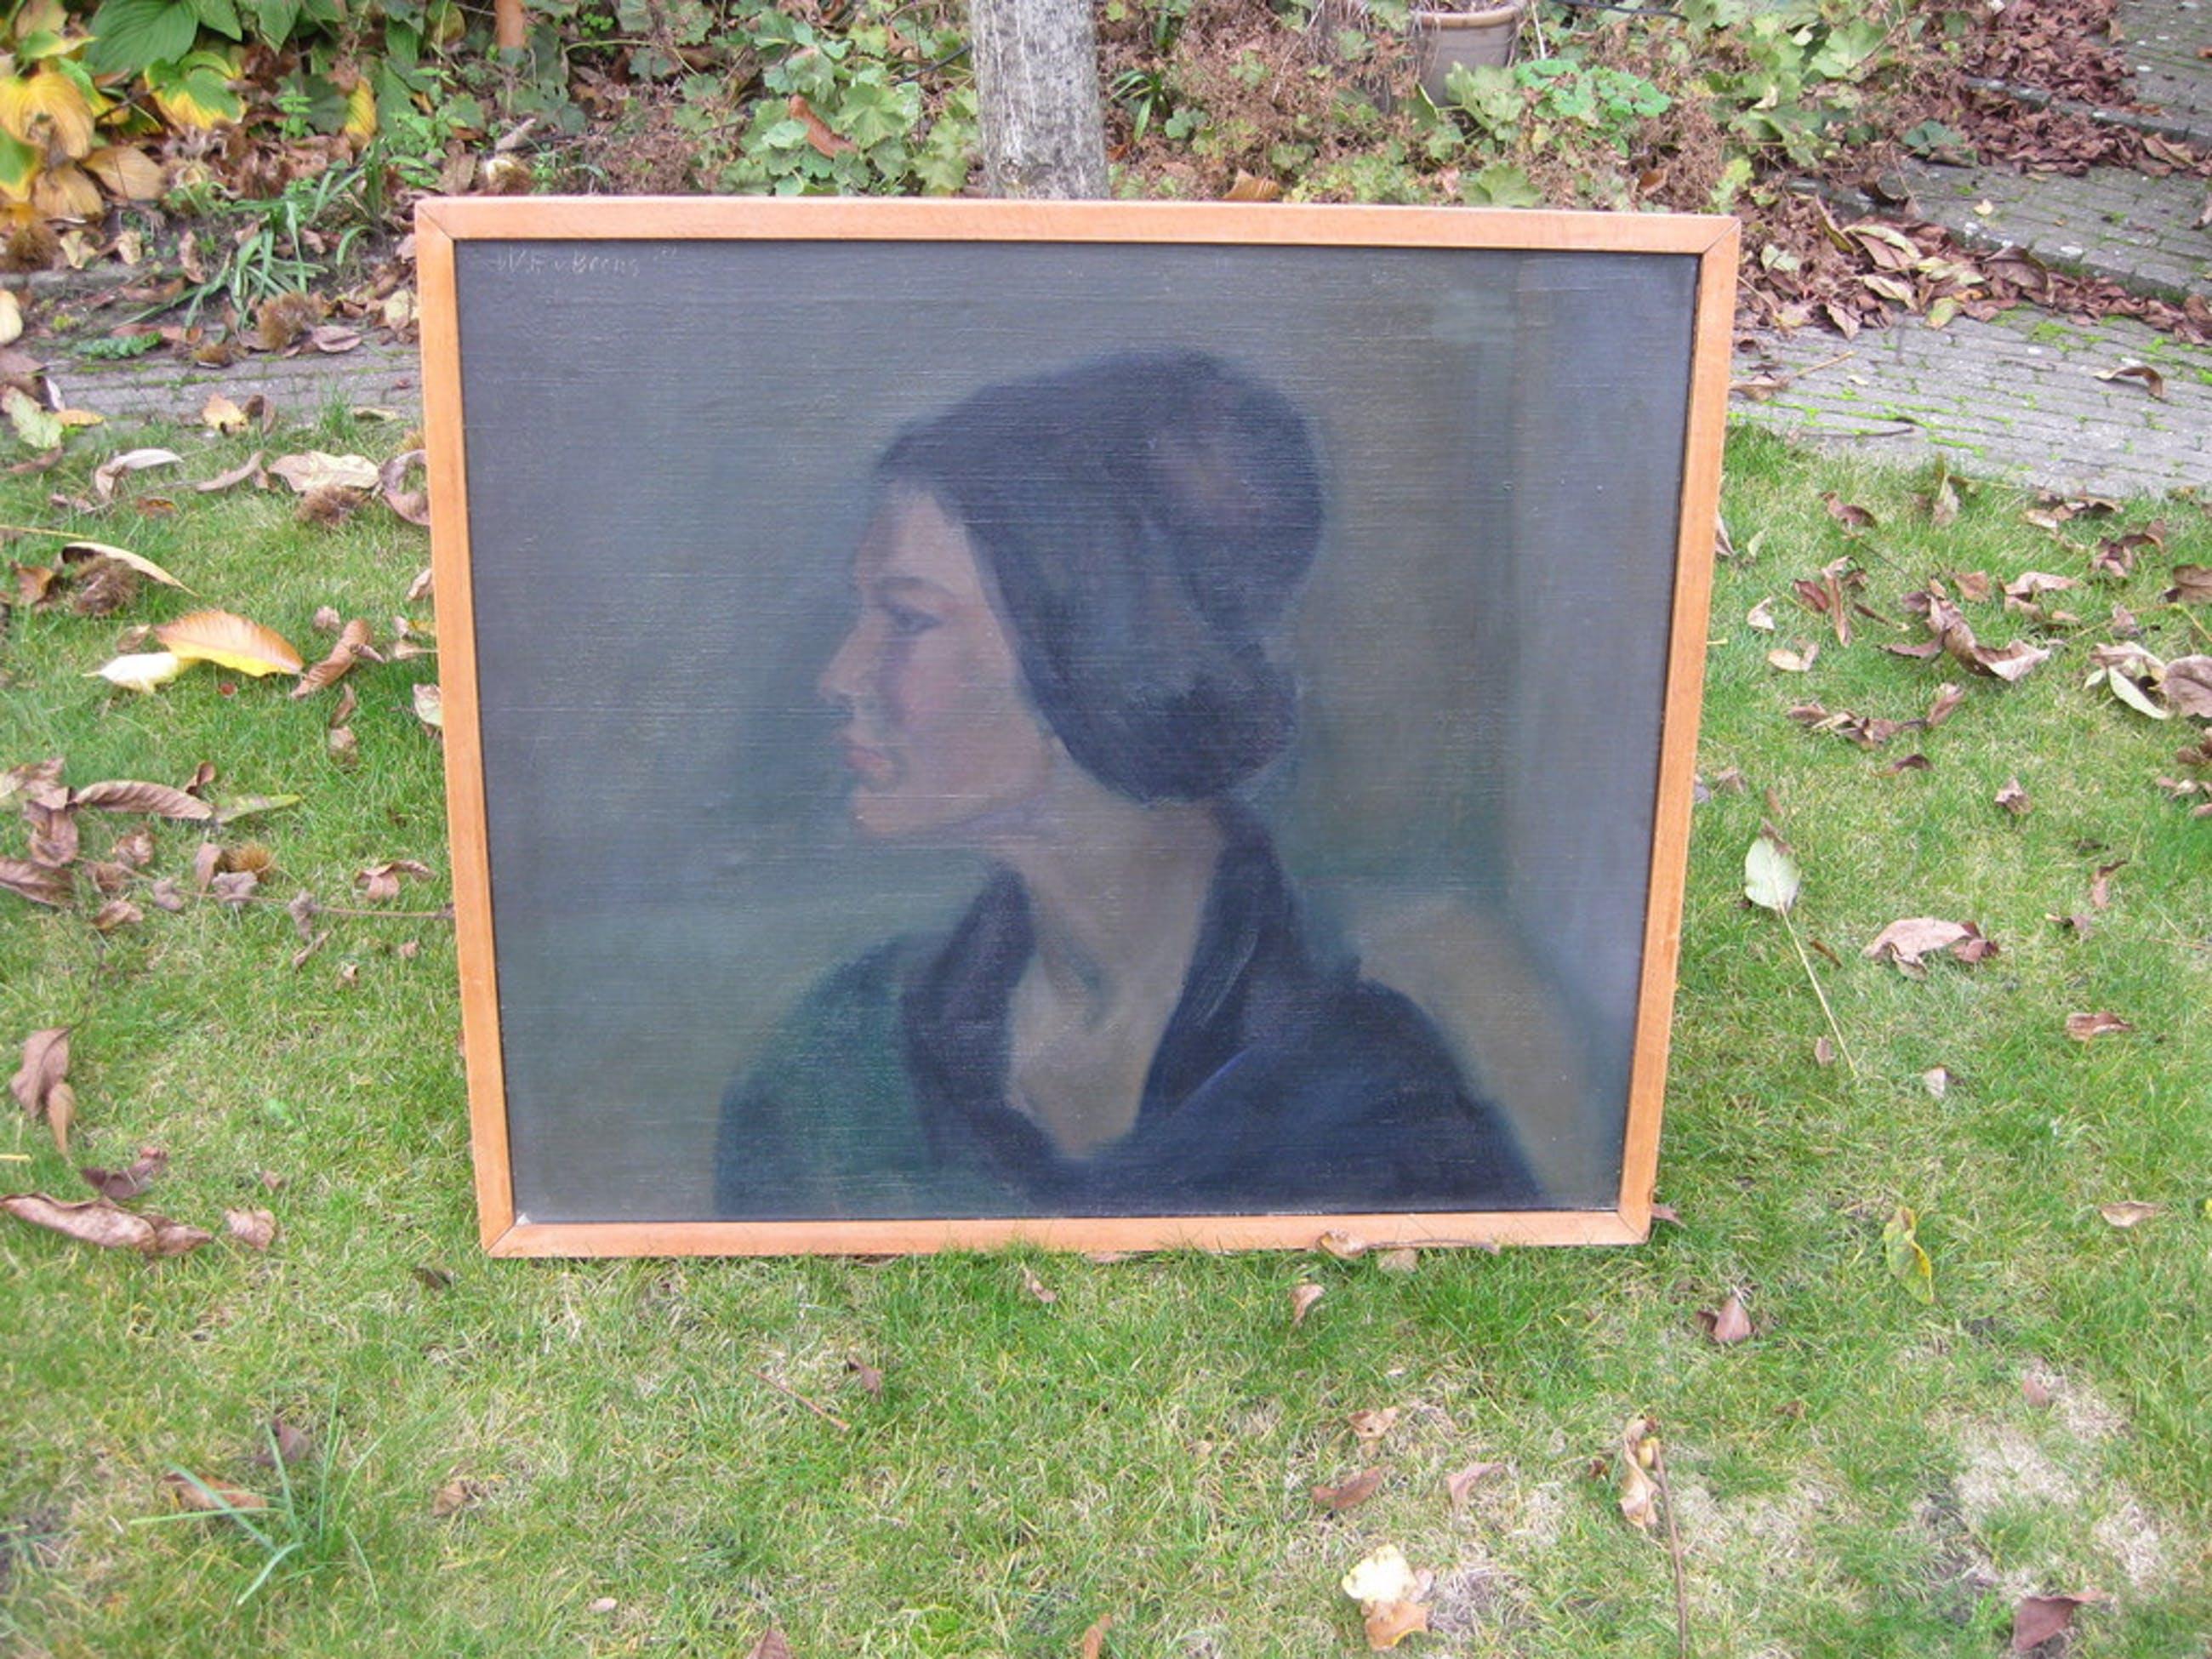 Willem van Beers: Olieverf op linnen, Vrouwenportret kopen? Bied vanaf 45!